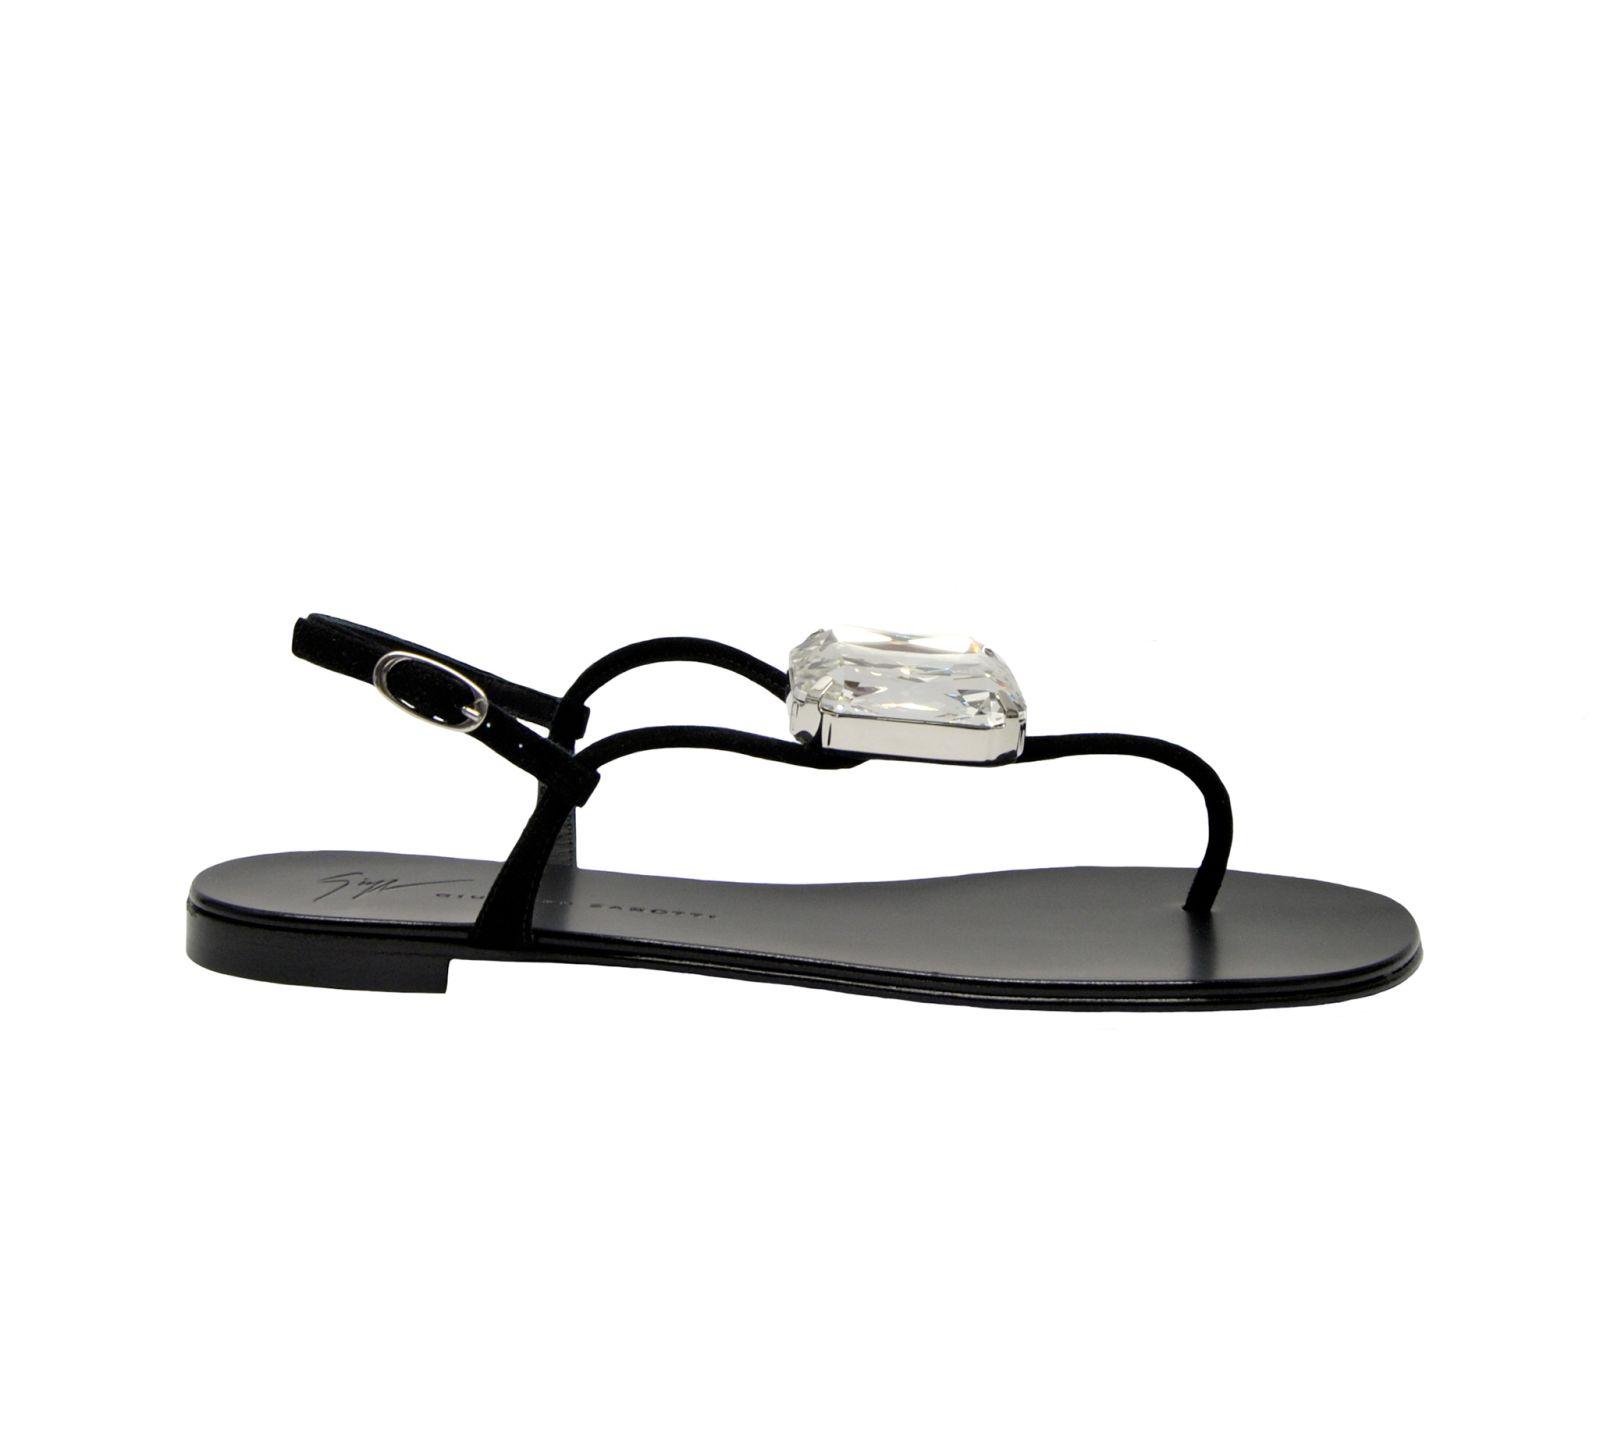 5274e8a205d0f Giuseppe Zanotti Giuseppe Zanotti Embellished Flat Sandals - Nero ...